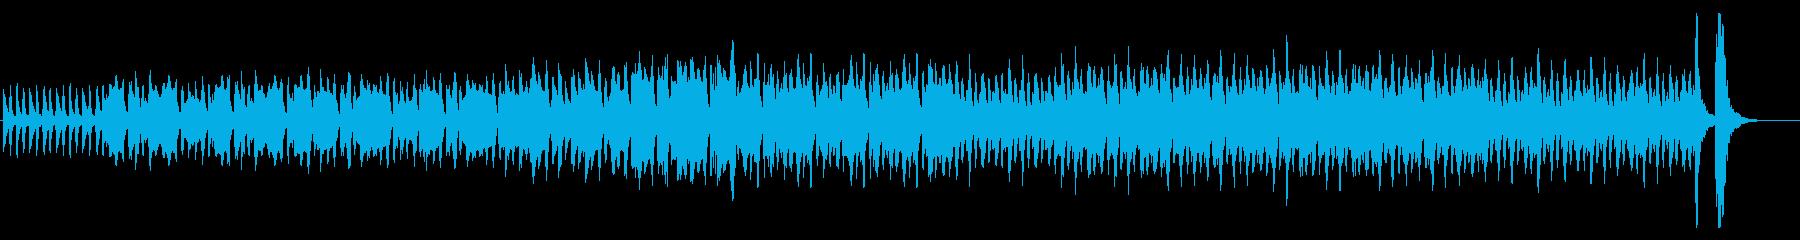 怪しい雰囲気が漂う生音系BGMの再生済みの波形